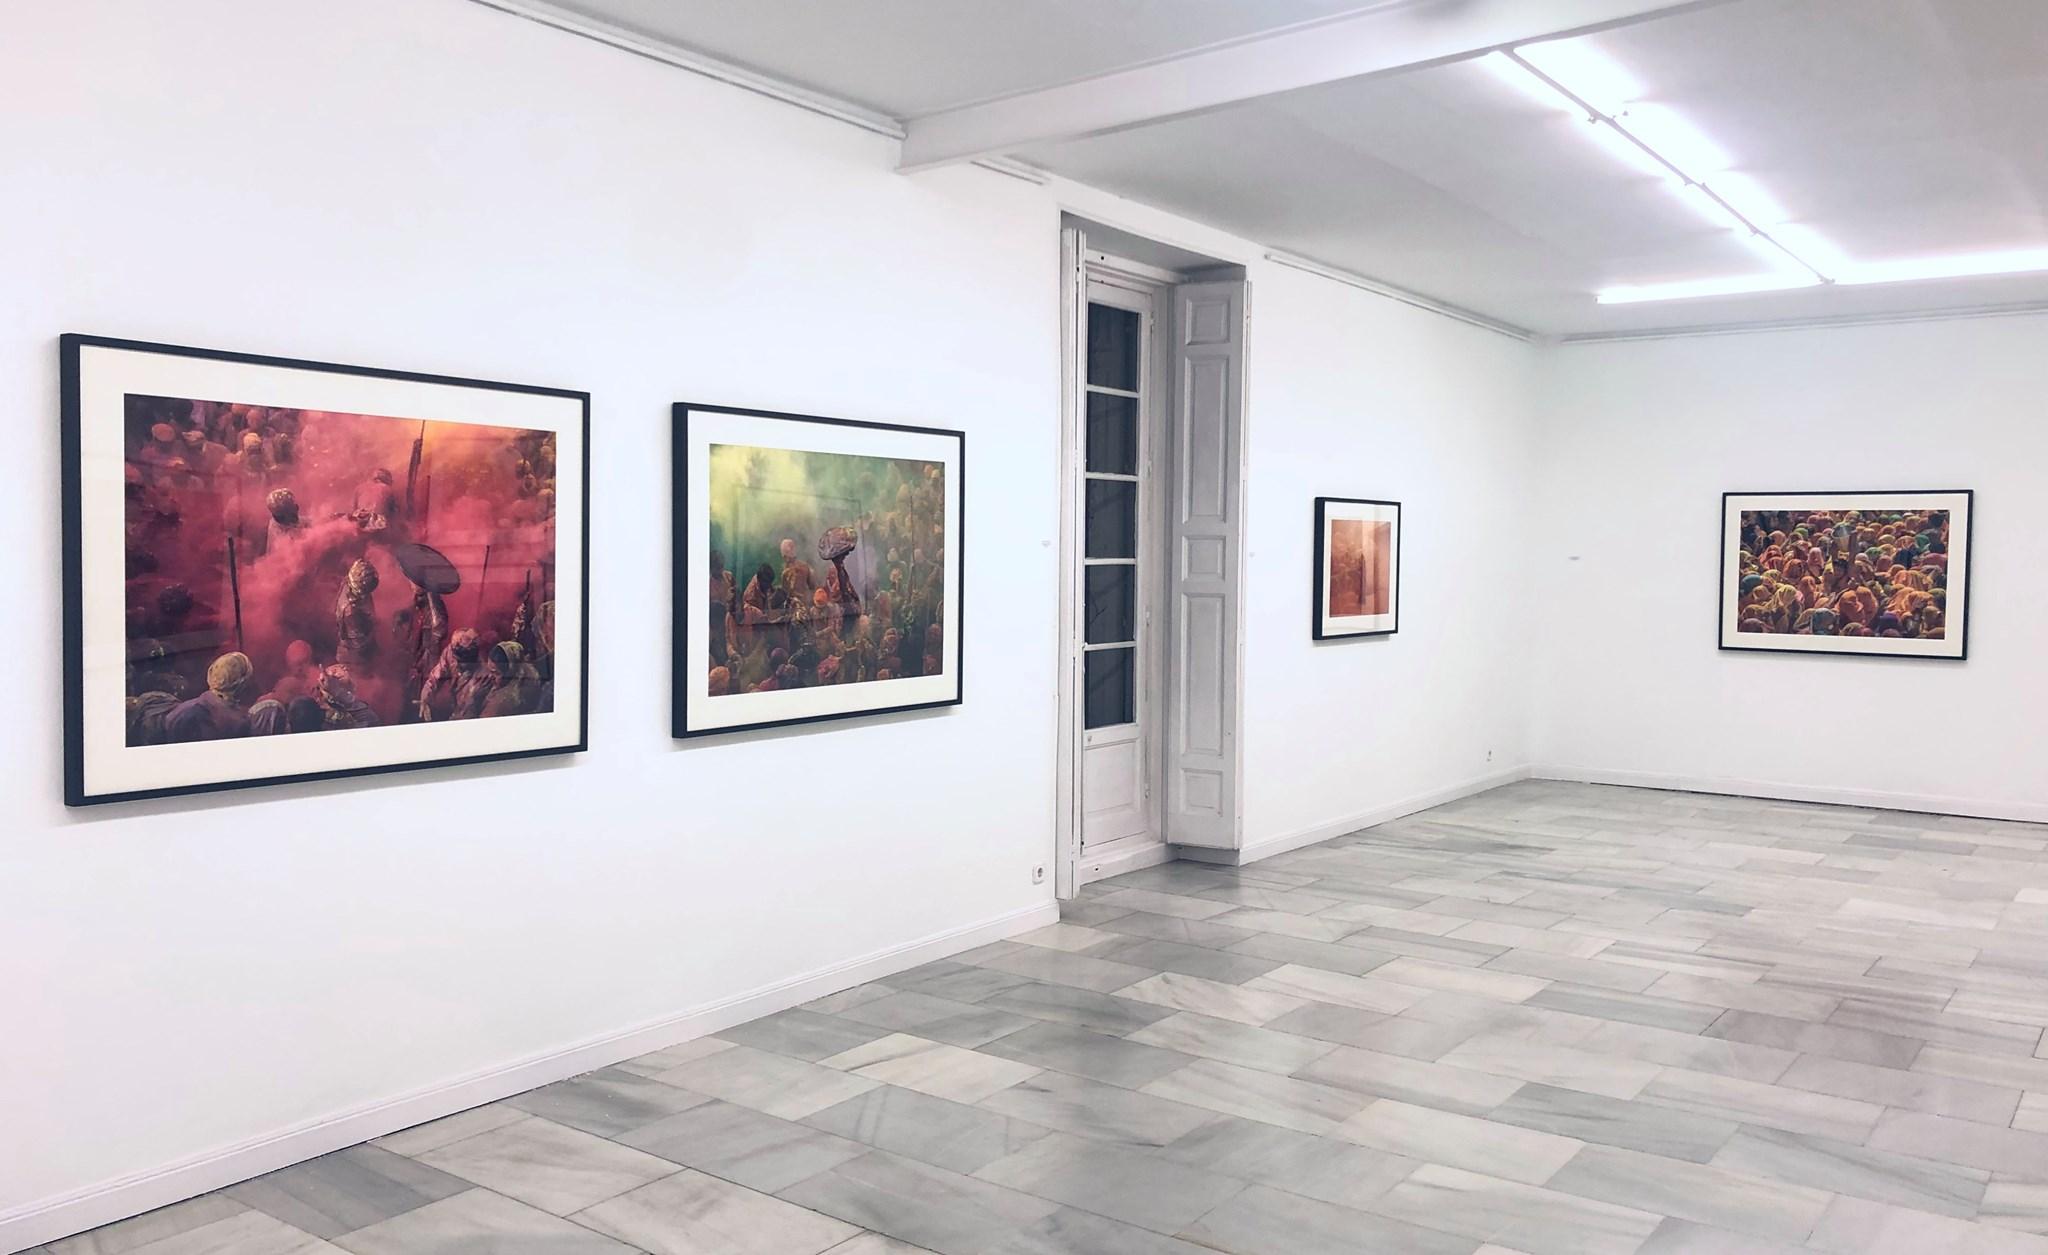 Galería de arte Juana de Aizpuru